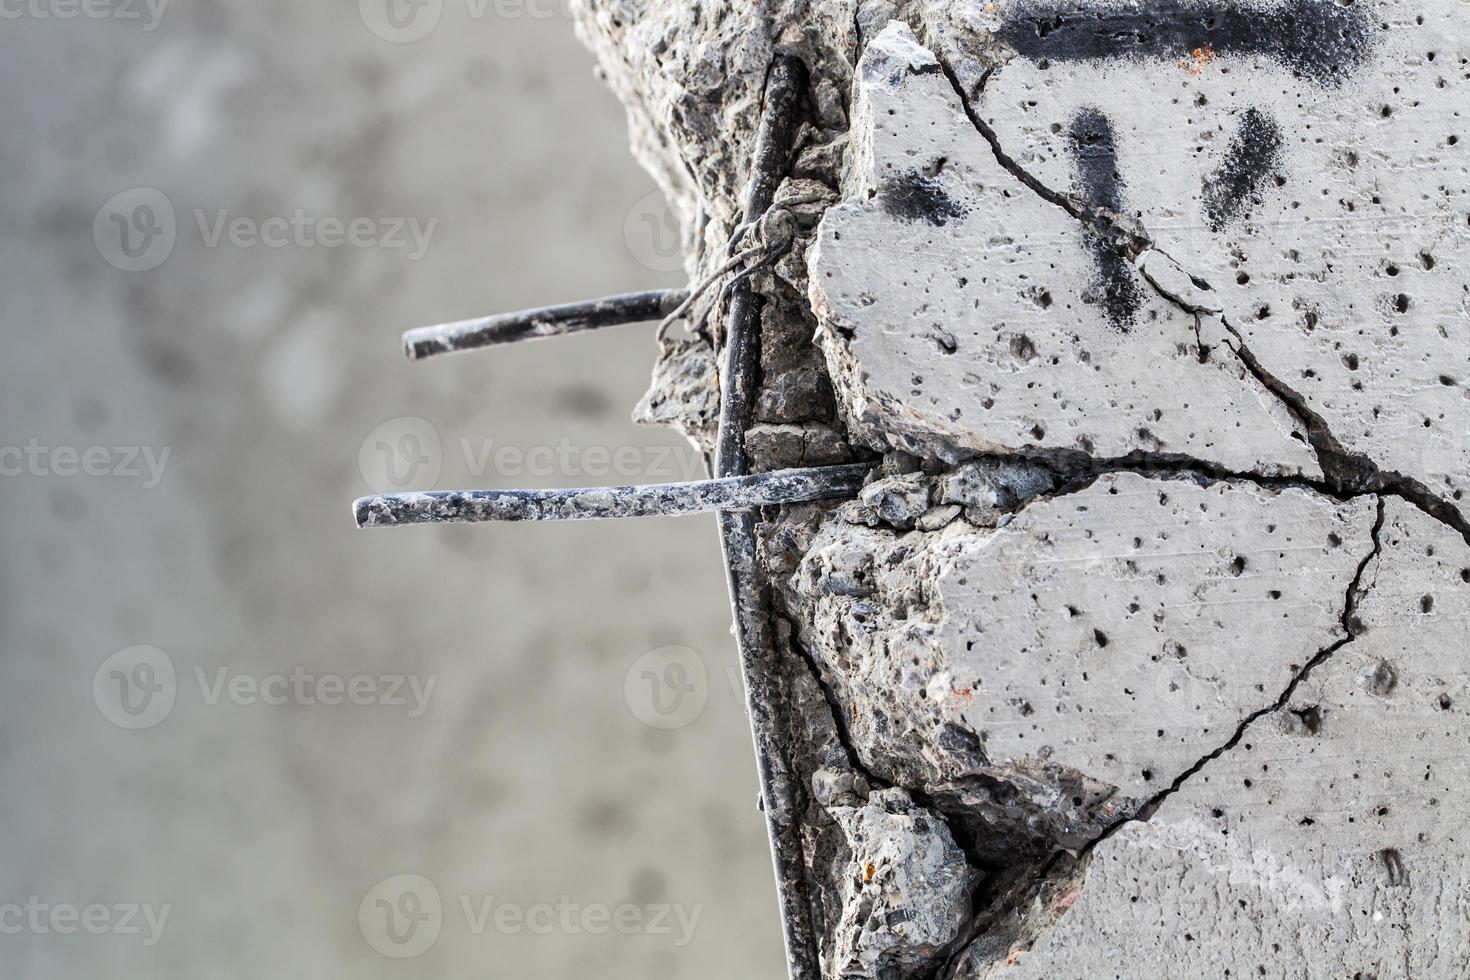 hastes de aço salientes do concreto rachado foto